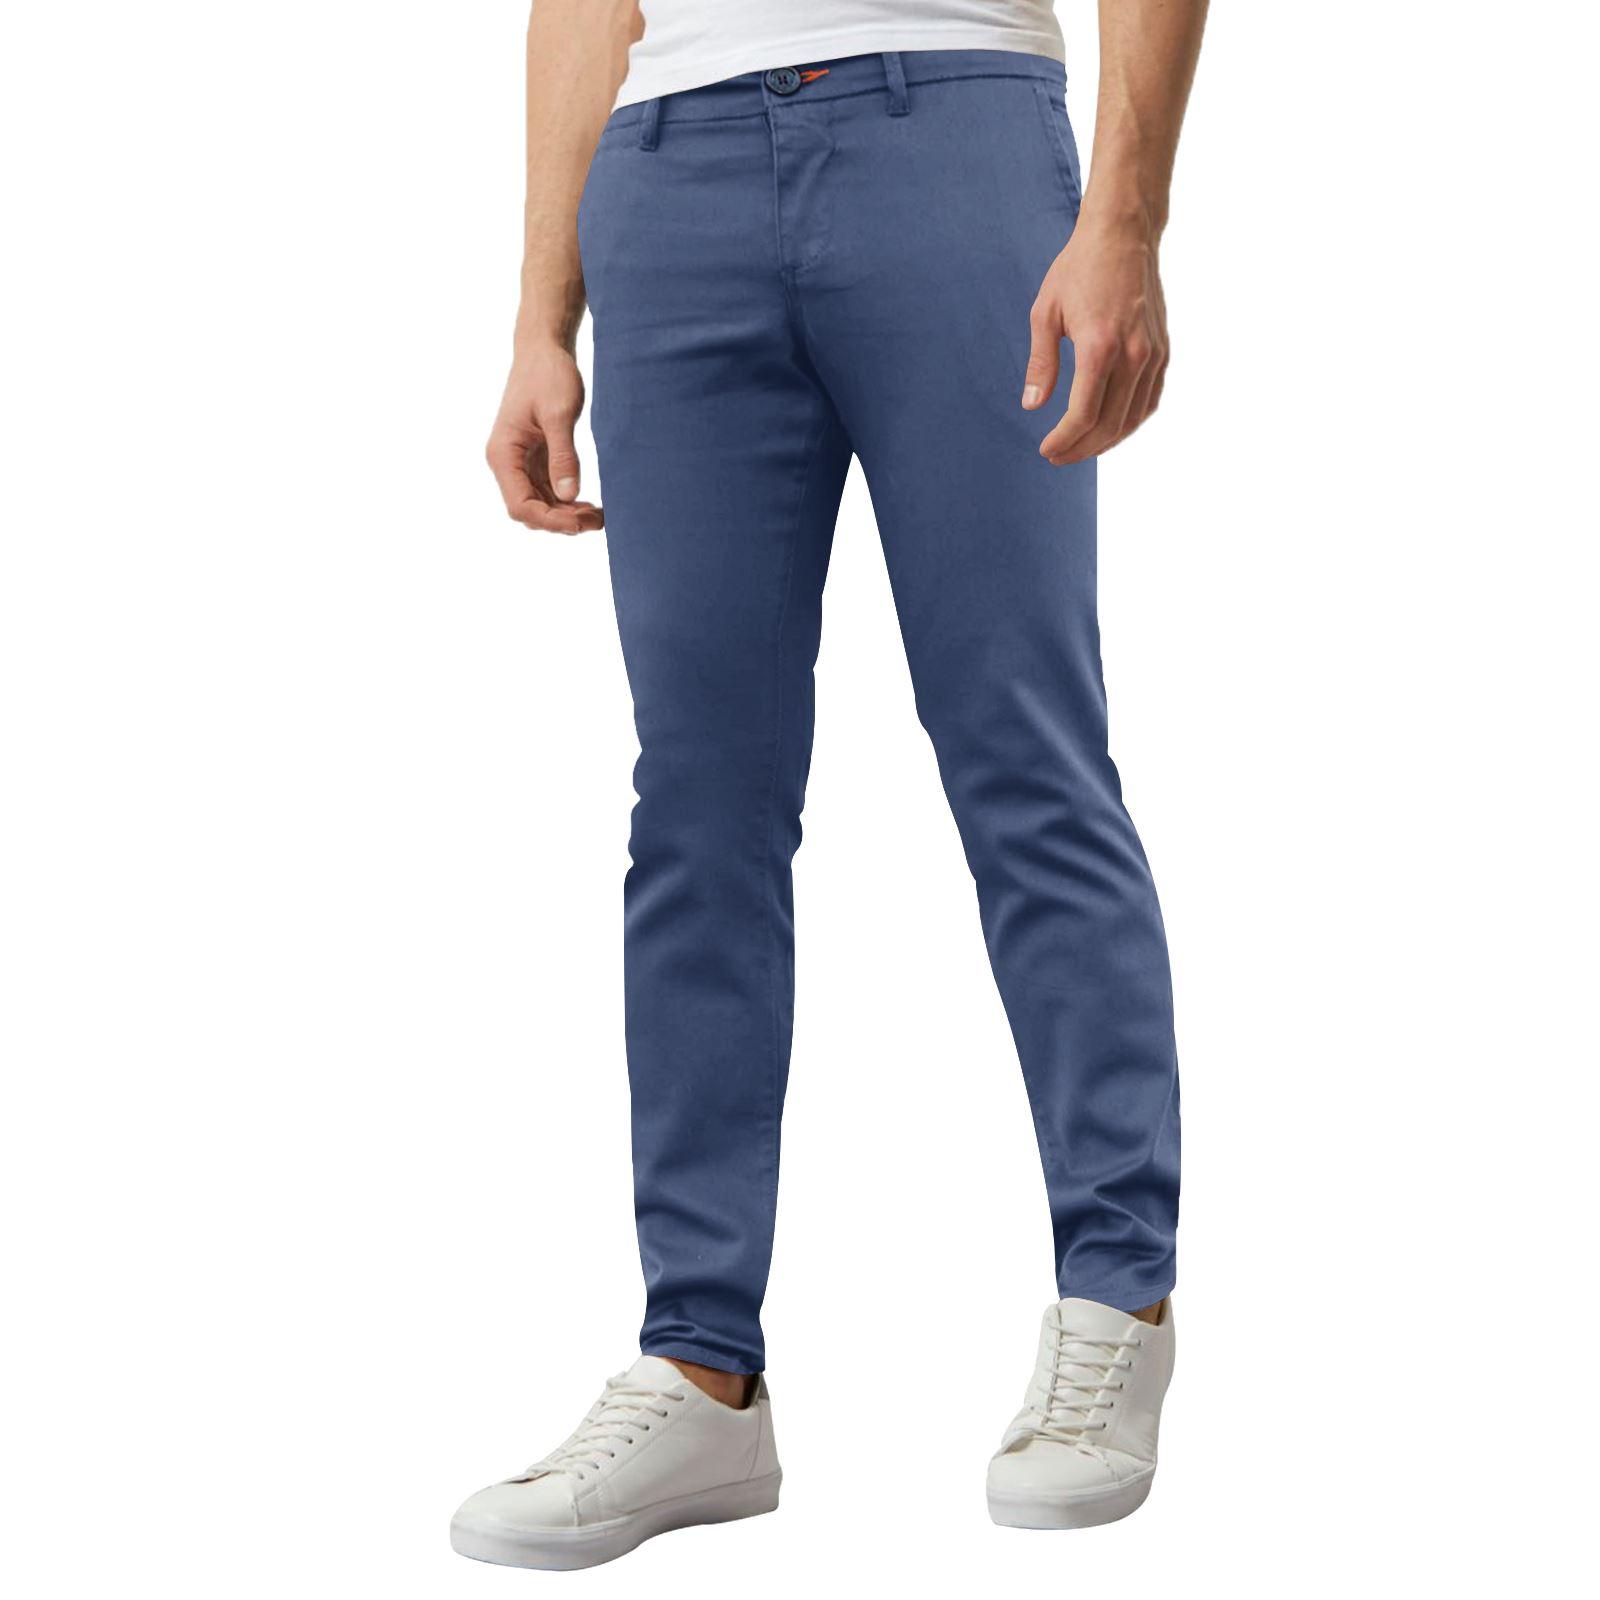 Jeans-Para-Hombre-de-Disenador-Nuevo-chinos-Elastizados-ajustados-Calce-Ajustado-Pantalones-todos miniatura 25